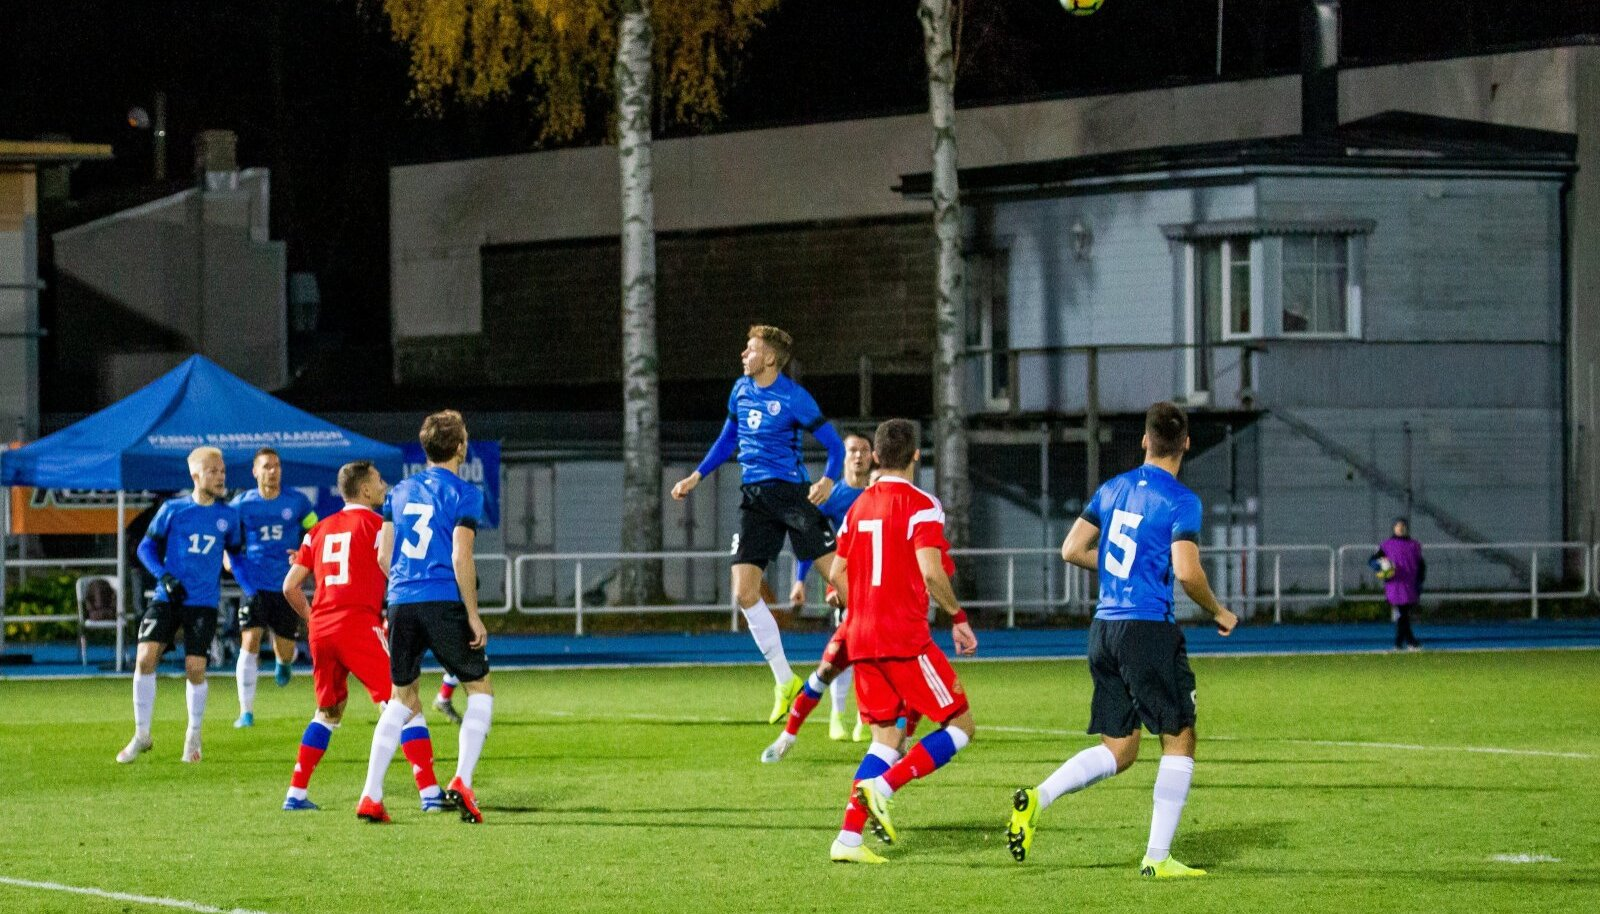 Jalgpalli U21 valikmäng  Eesti  Venemaa. (Foto on illustratiivne)